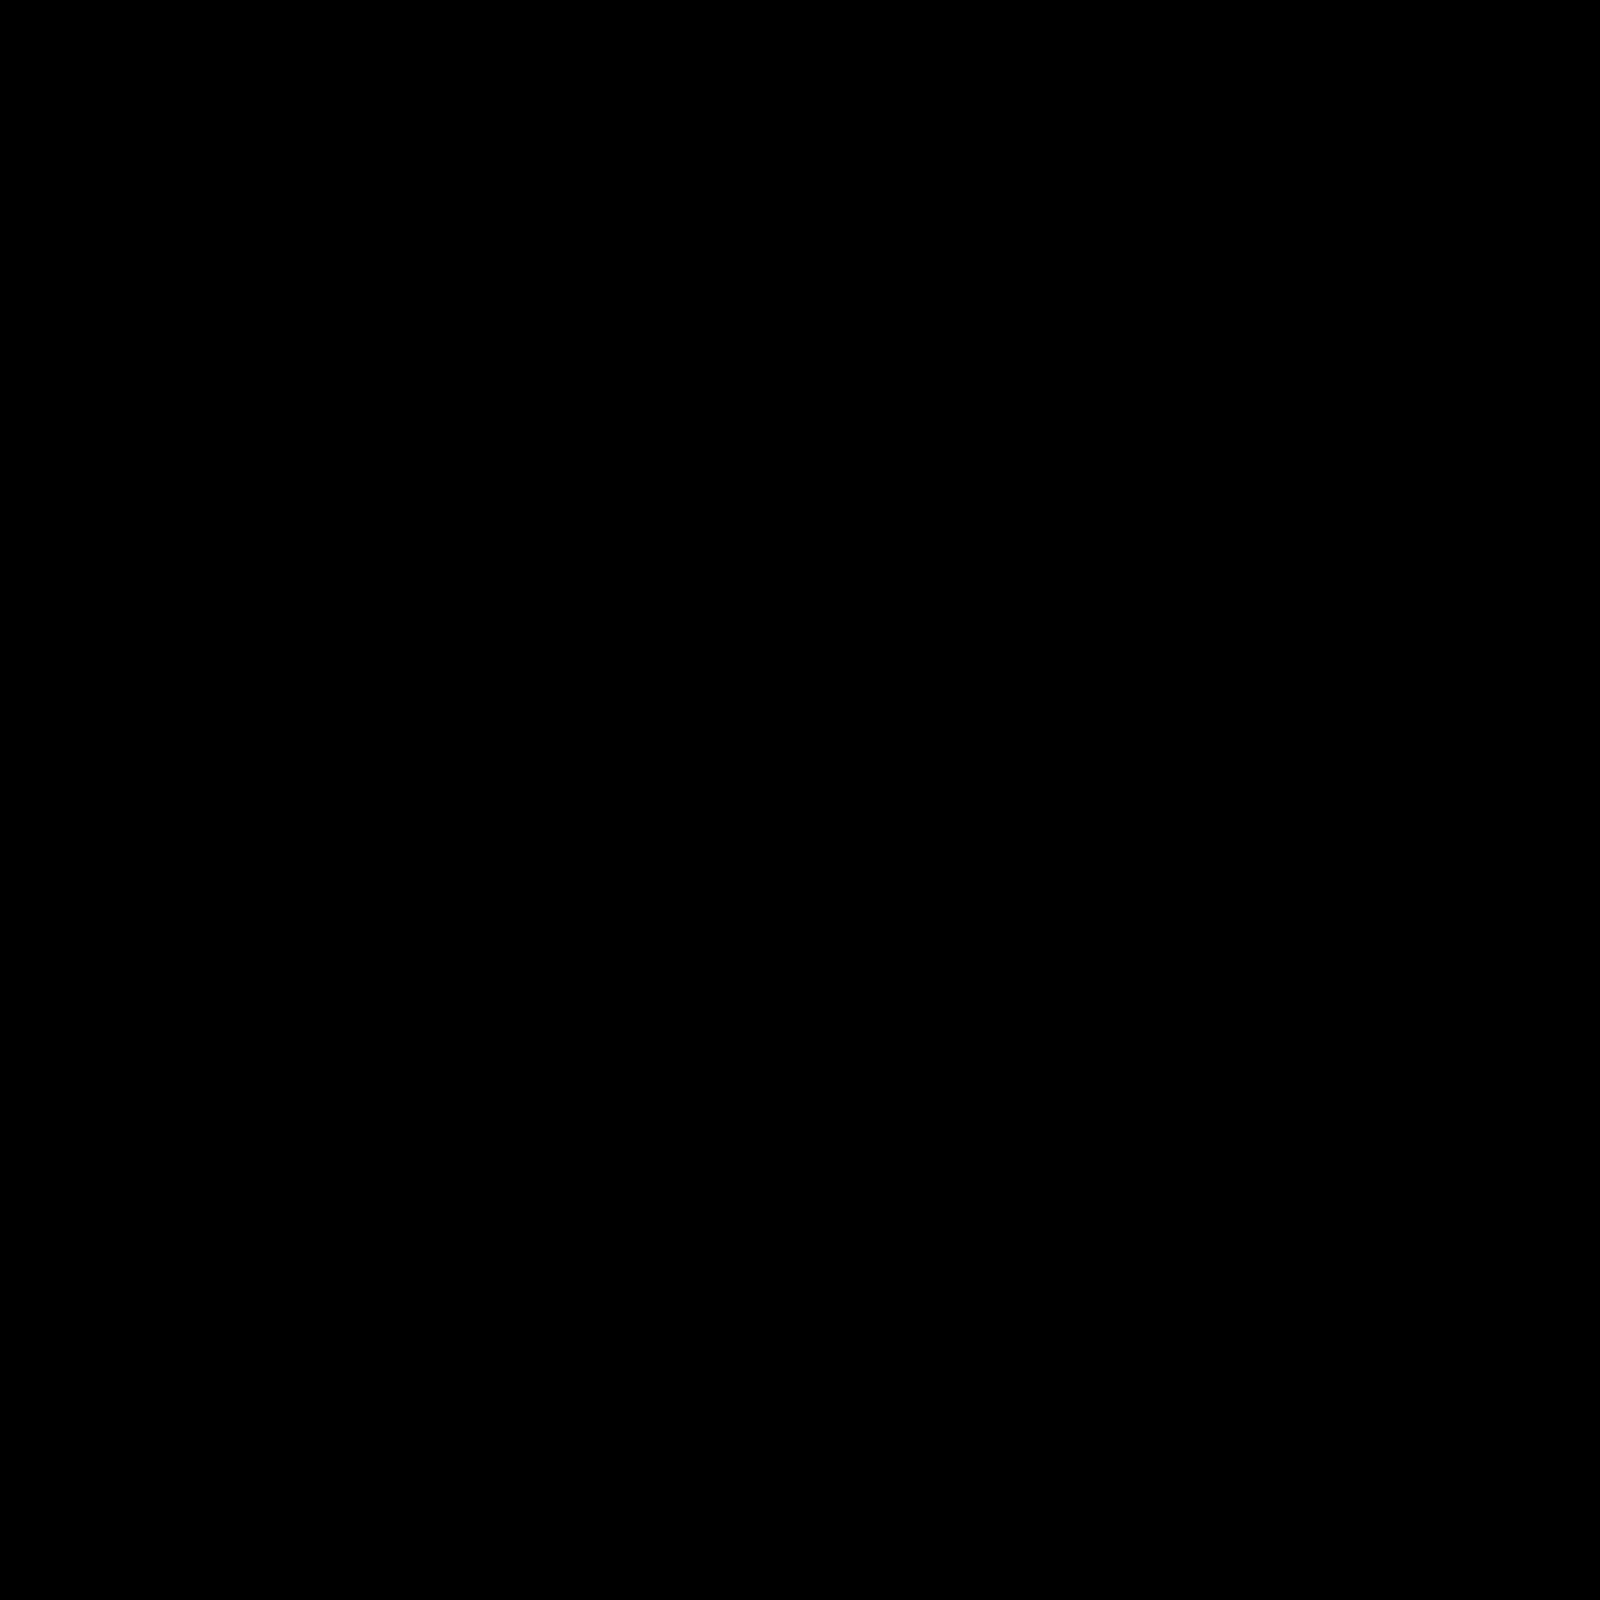 Sprintwiederholung icon